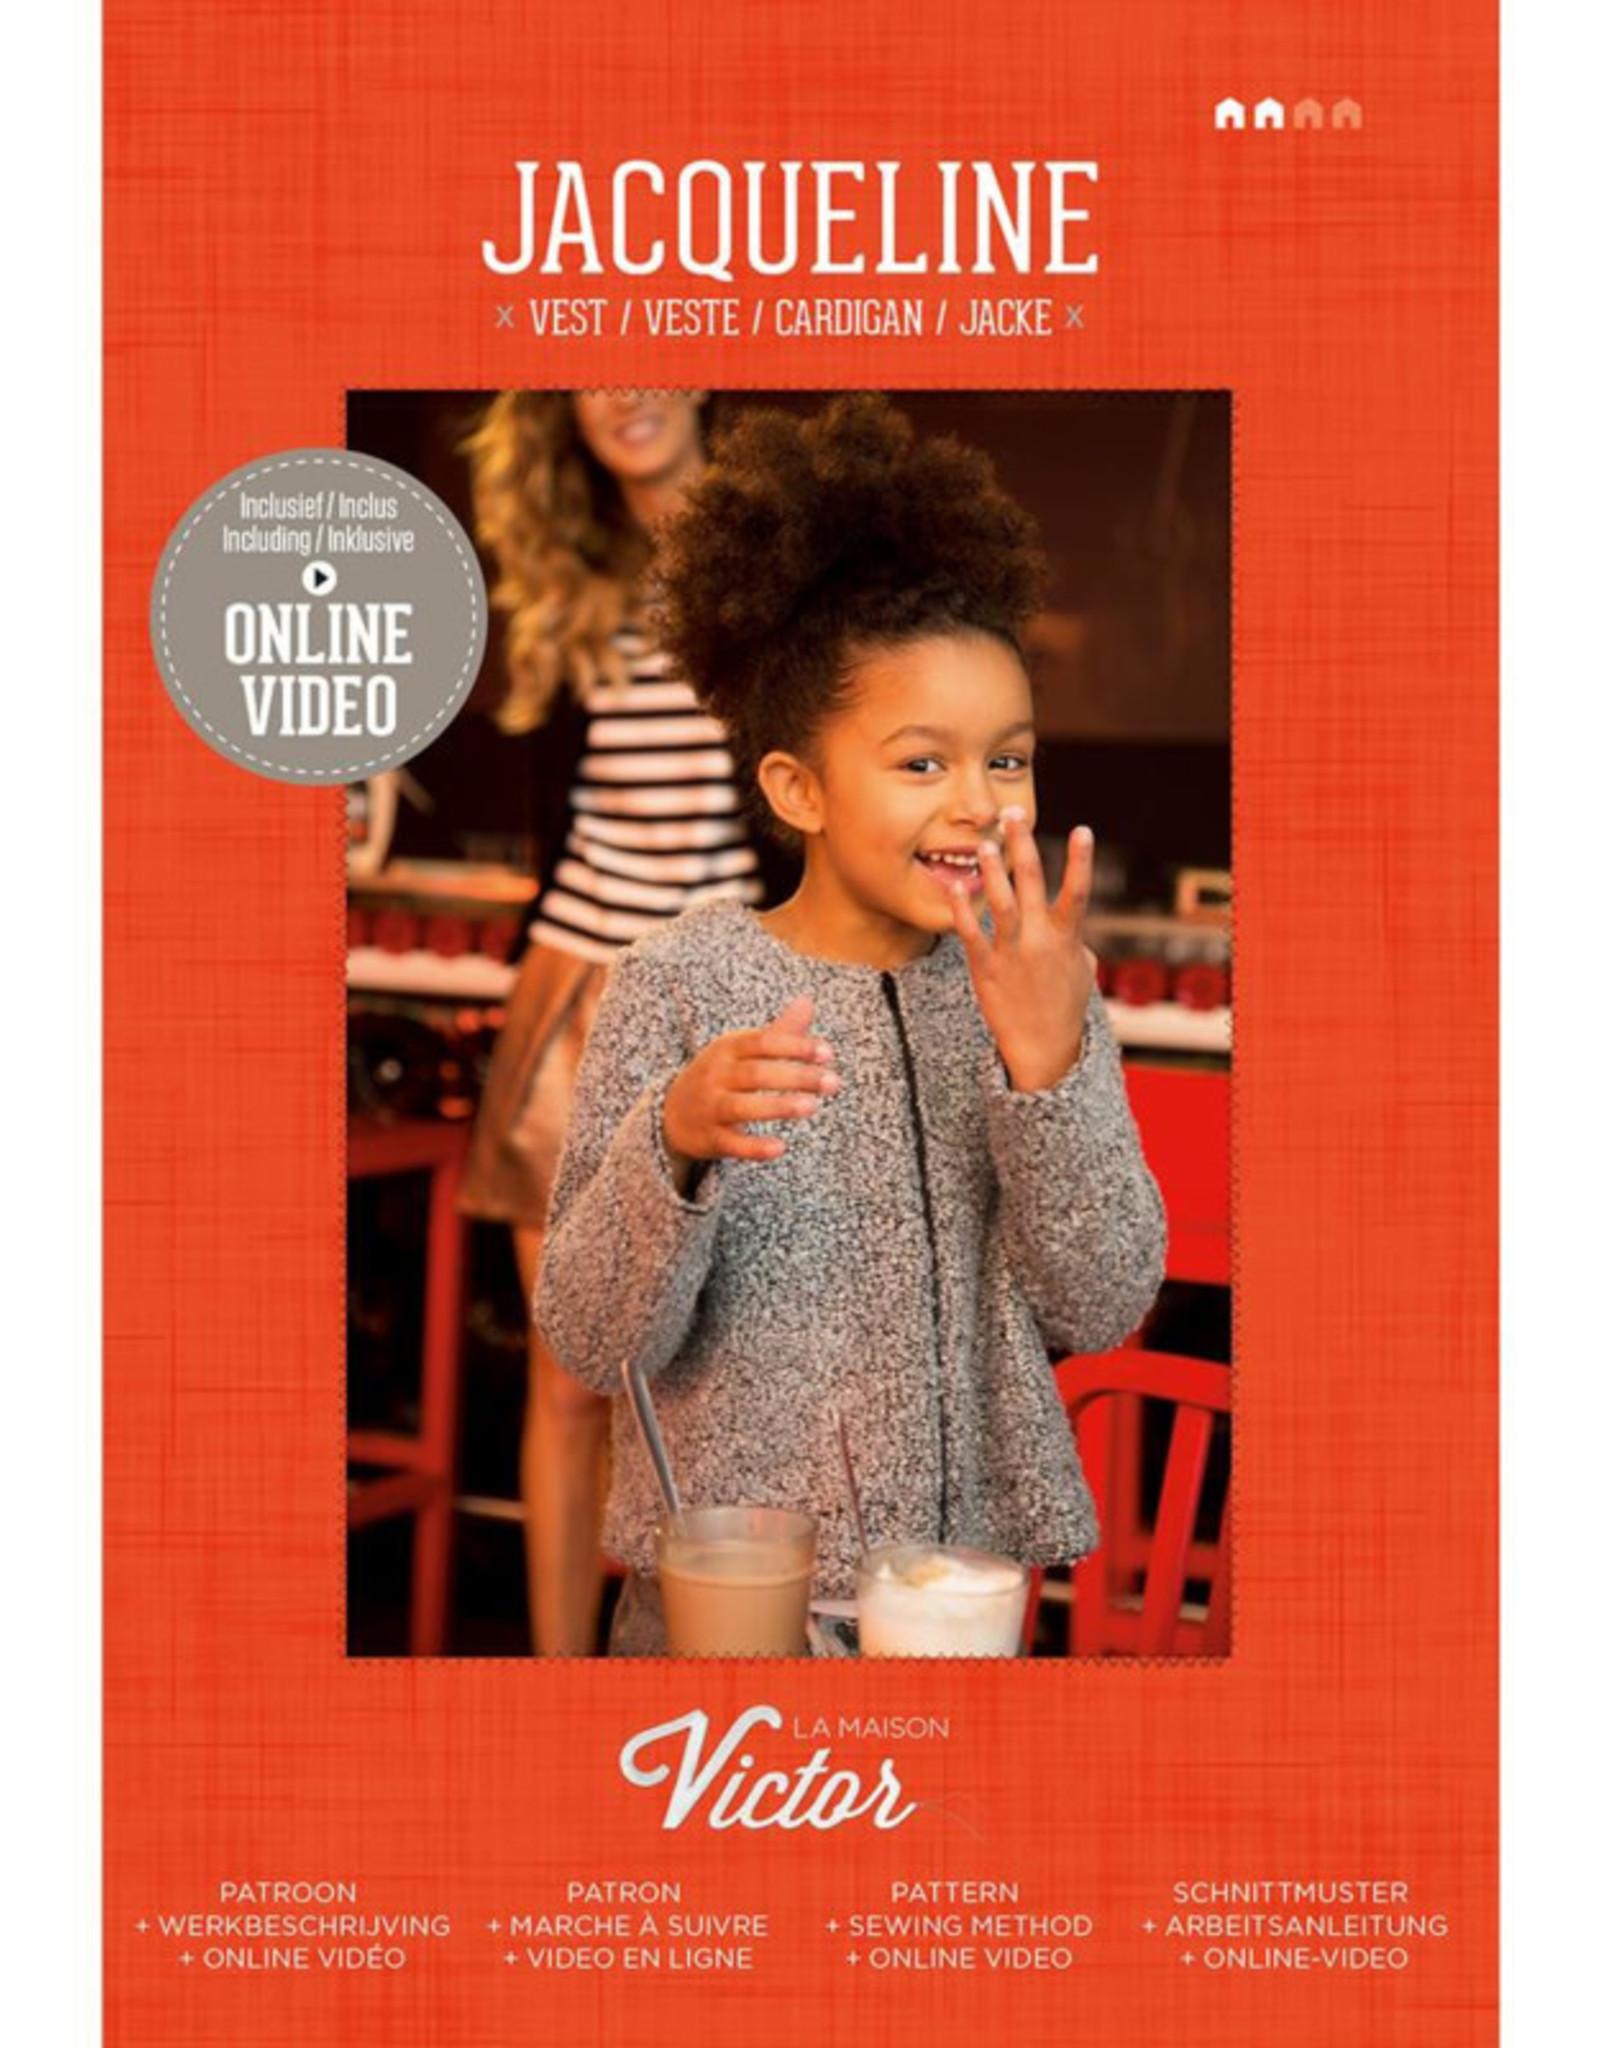 LMV -  Jacqueline Vest